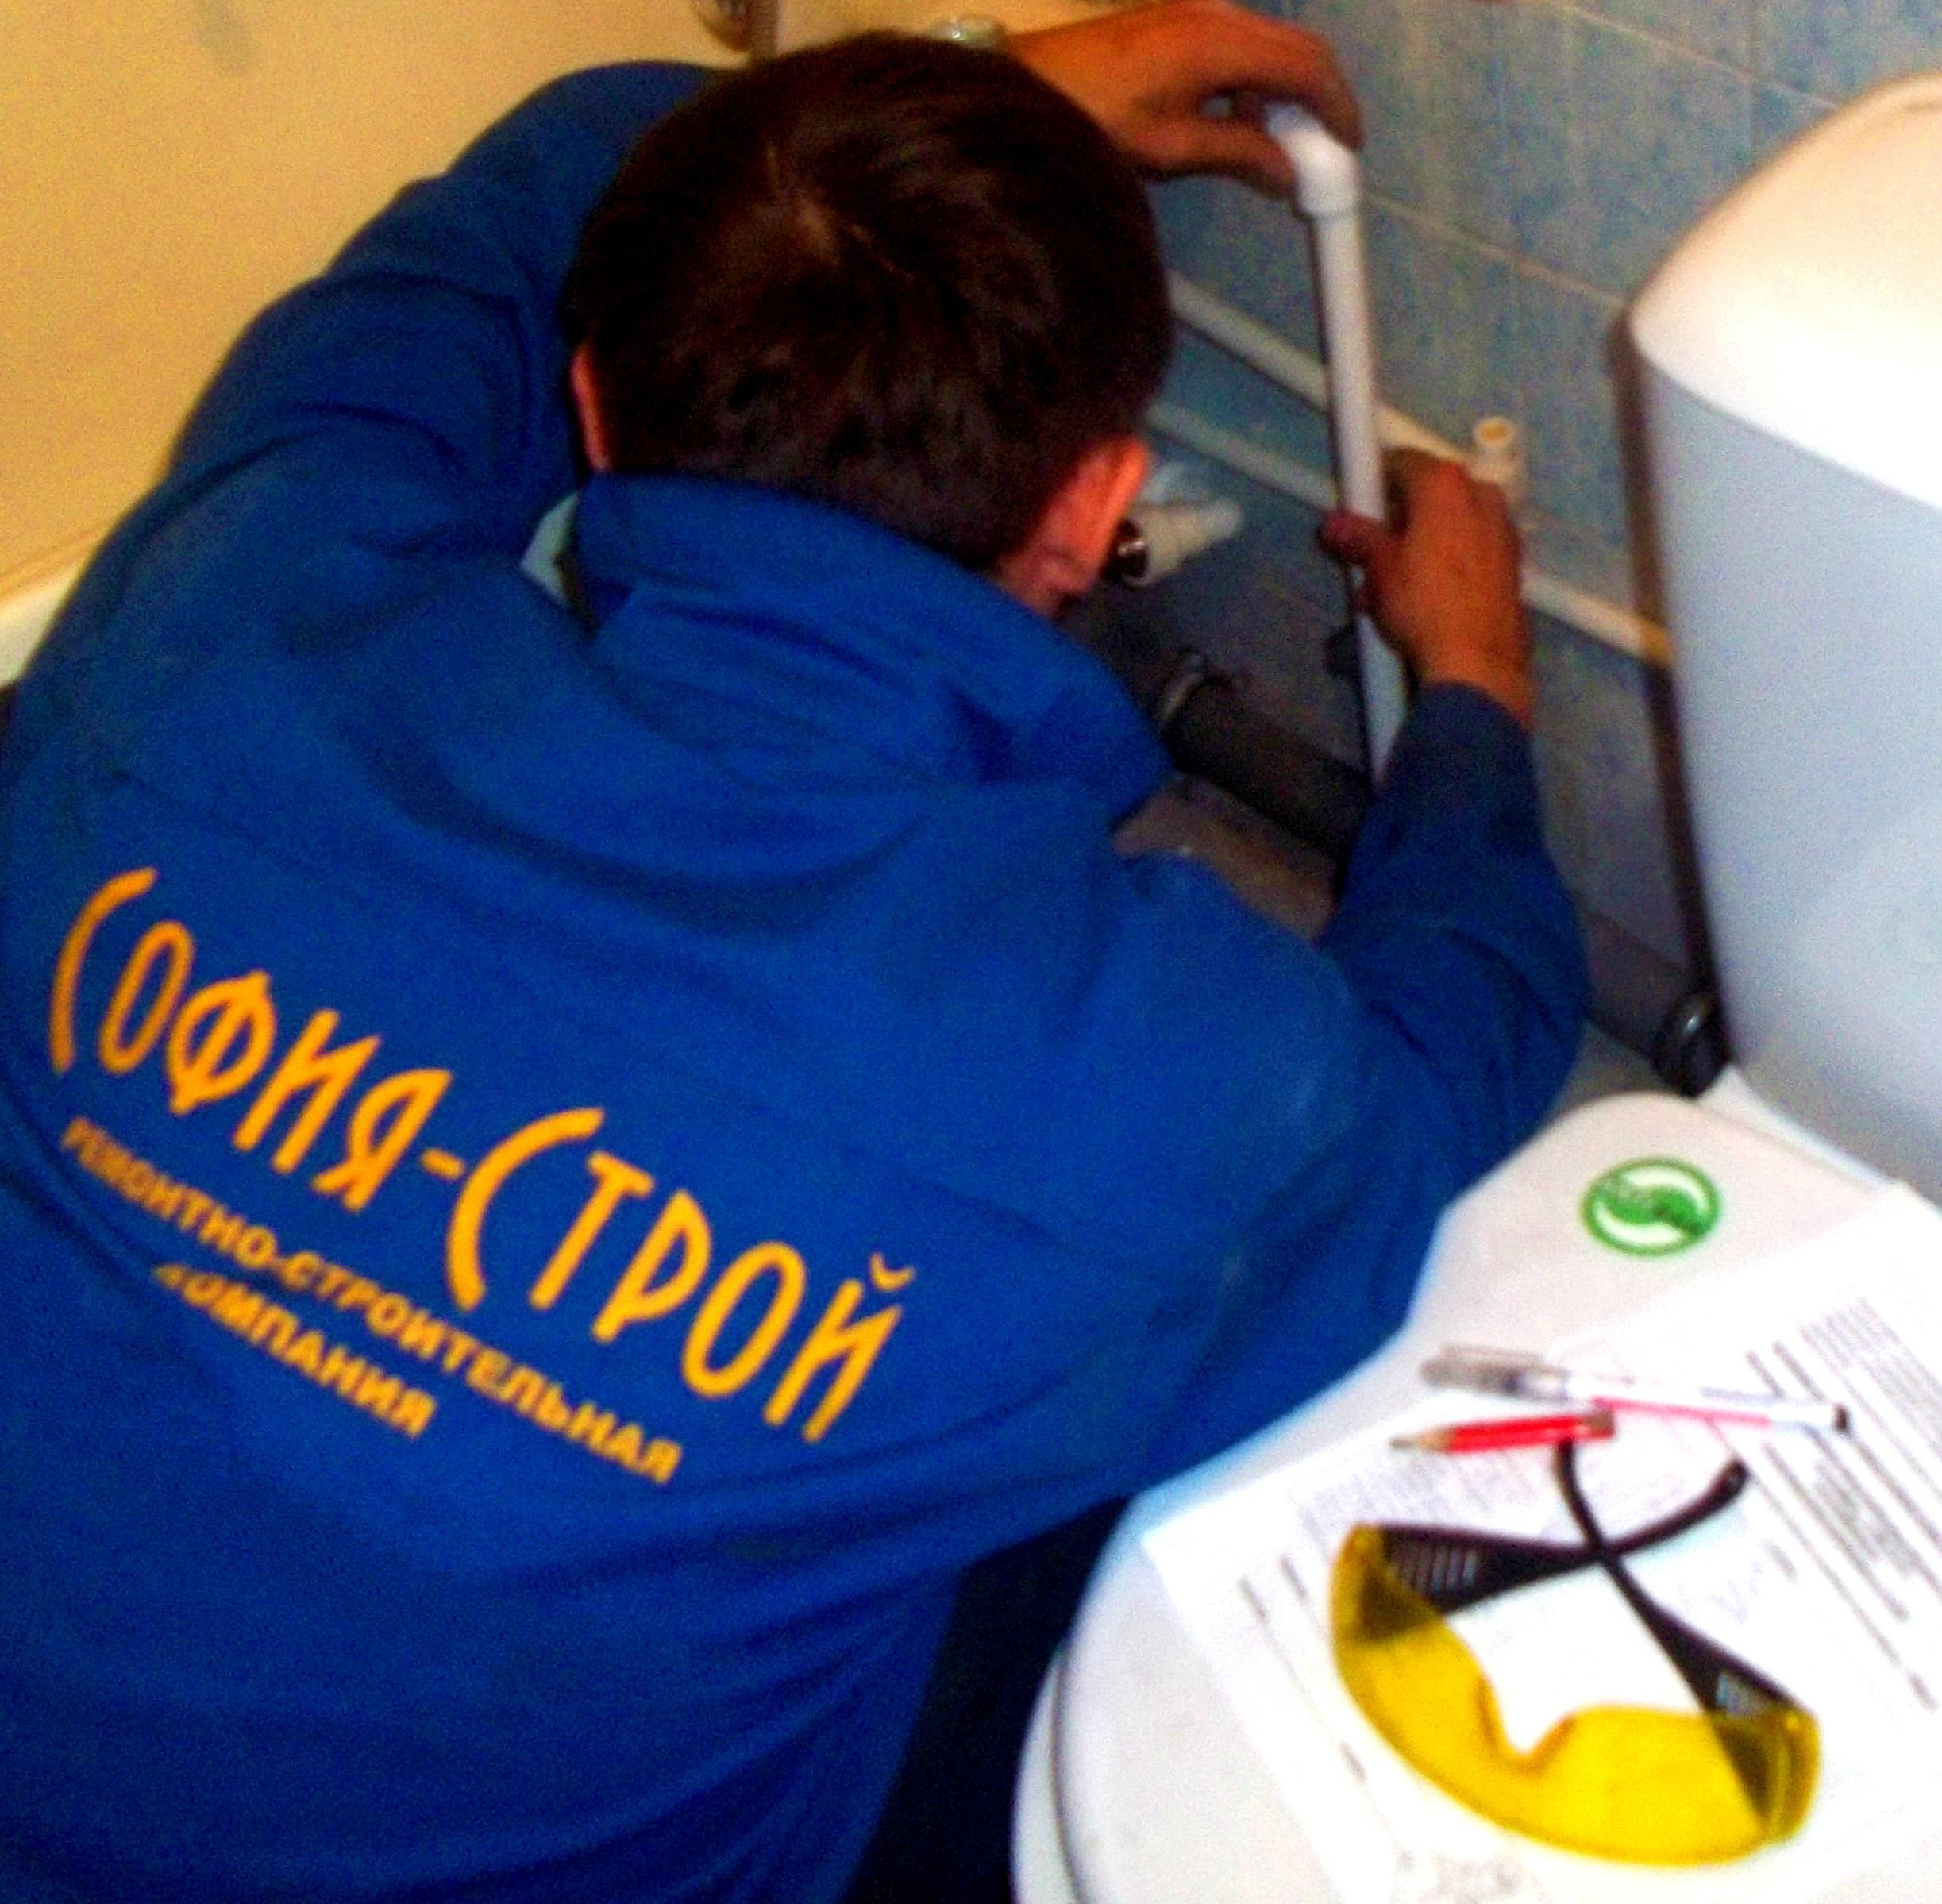 София Строй водопроводная компания